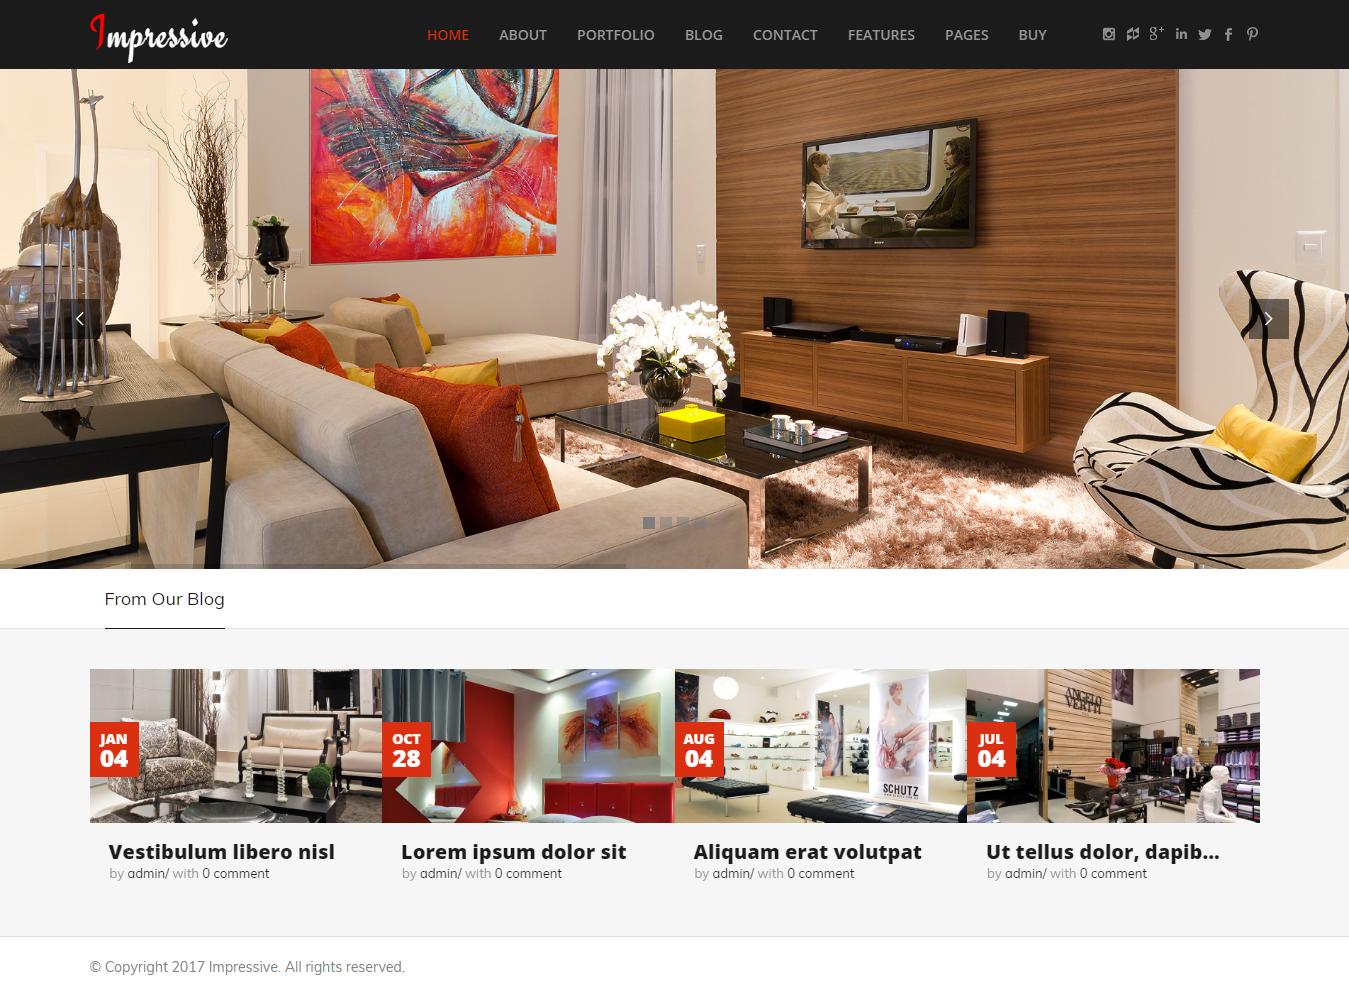 impressive best premium interior design wordpress theme - 10+ Best Premium Interior Design WordPress Themes